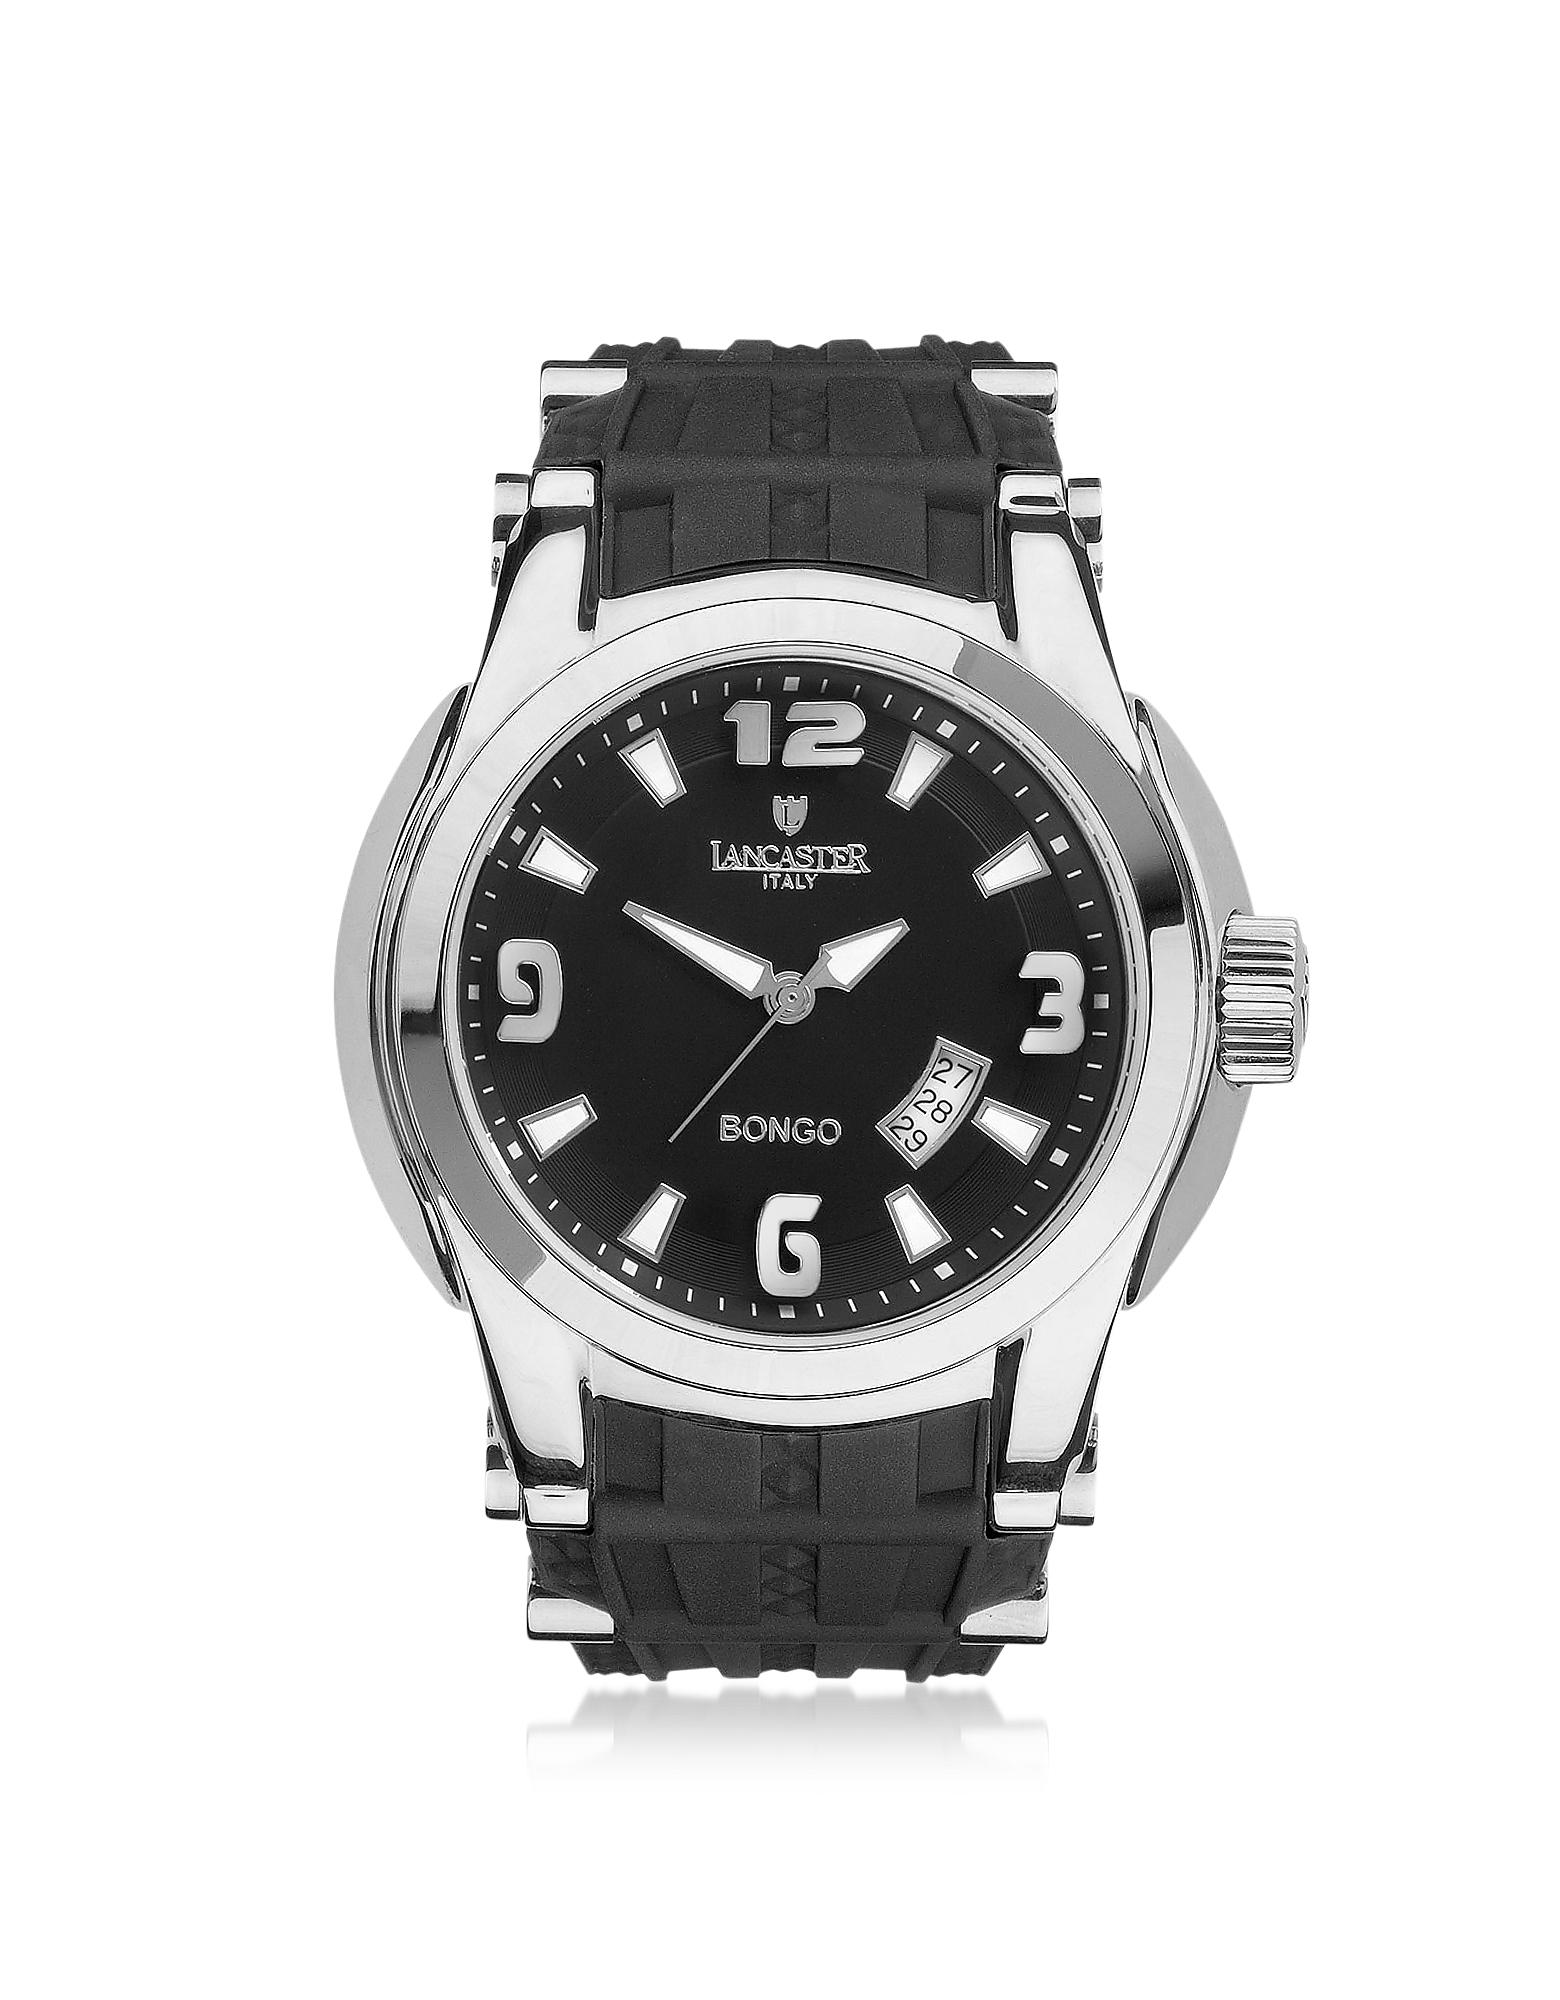 Lancaster Bongo Tempo - Мужские Серебристые Часы из Нержавеющей Стали на Черном Резиновом Ремешке